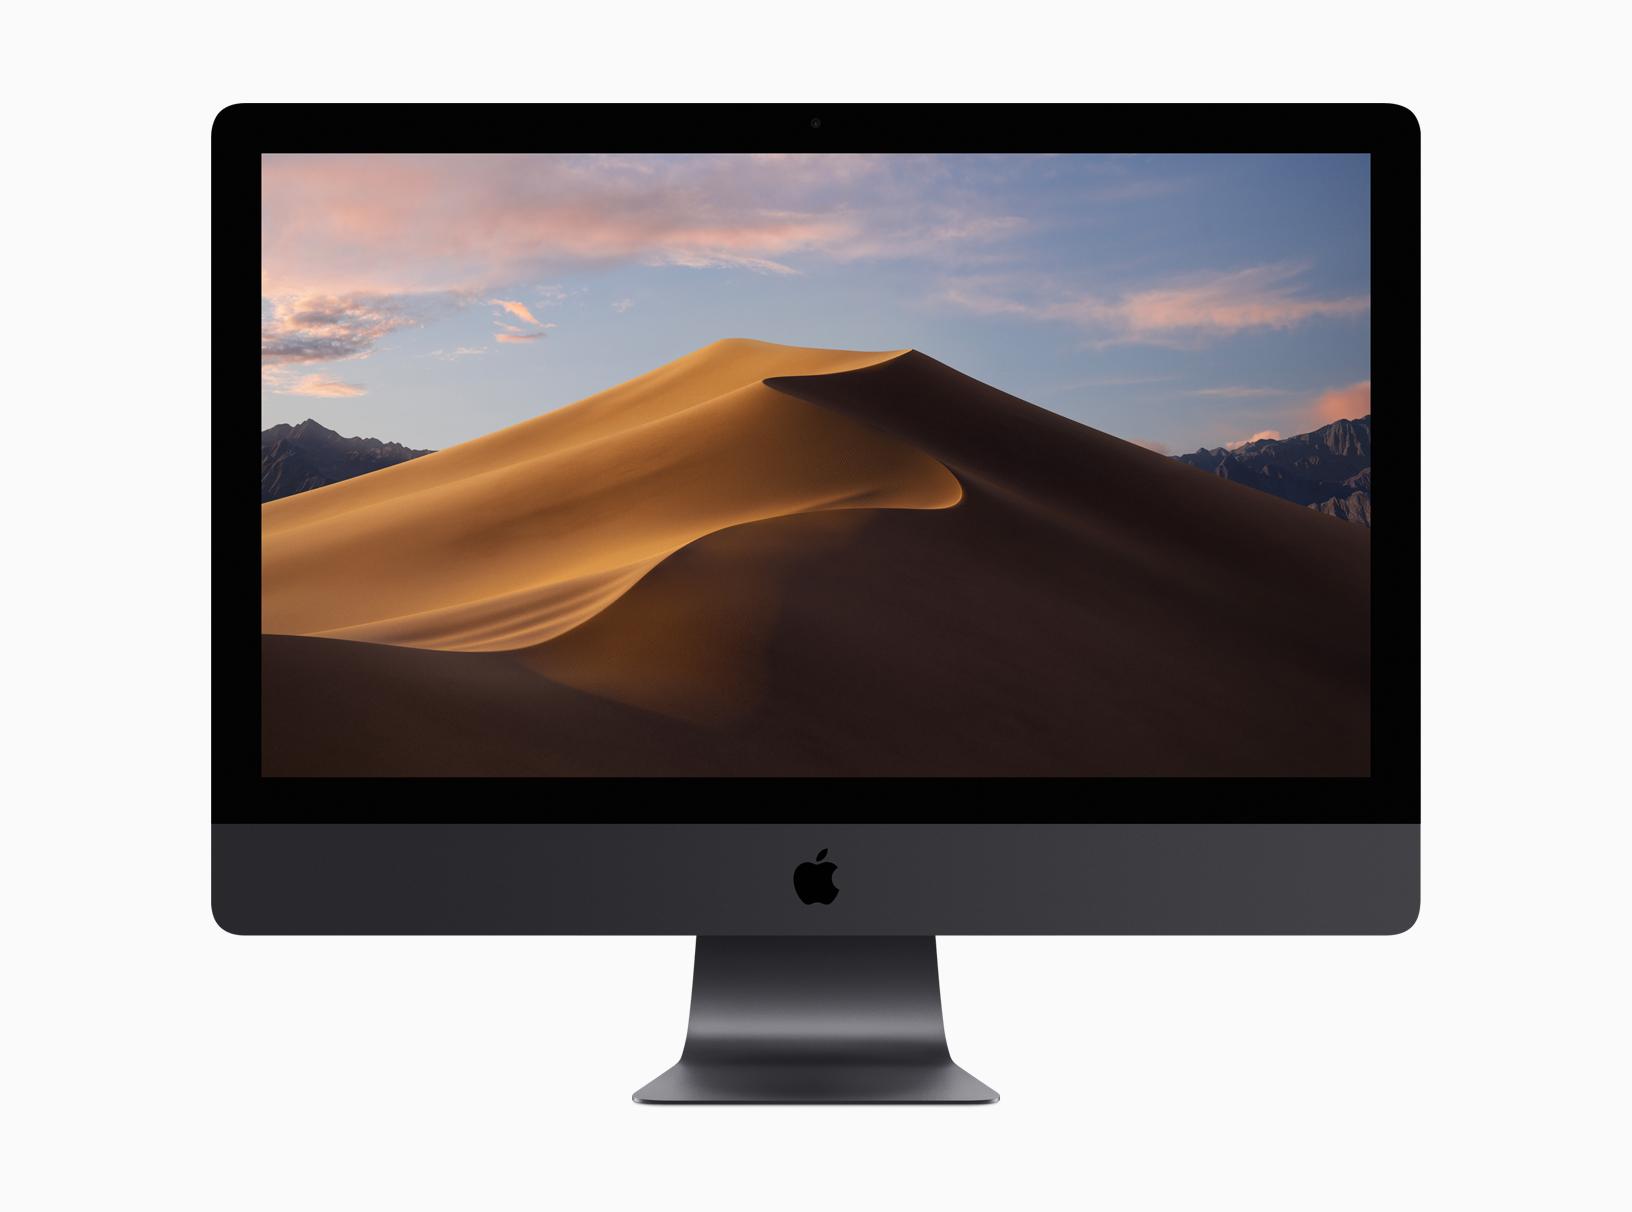 descargar google chrome para mac 10.4 11